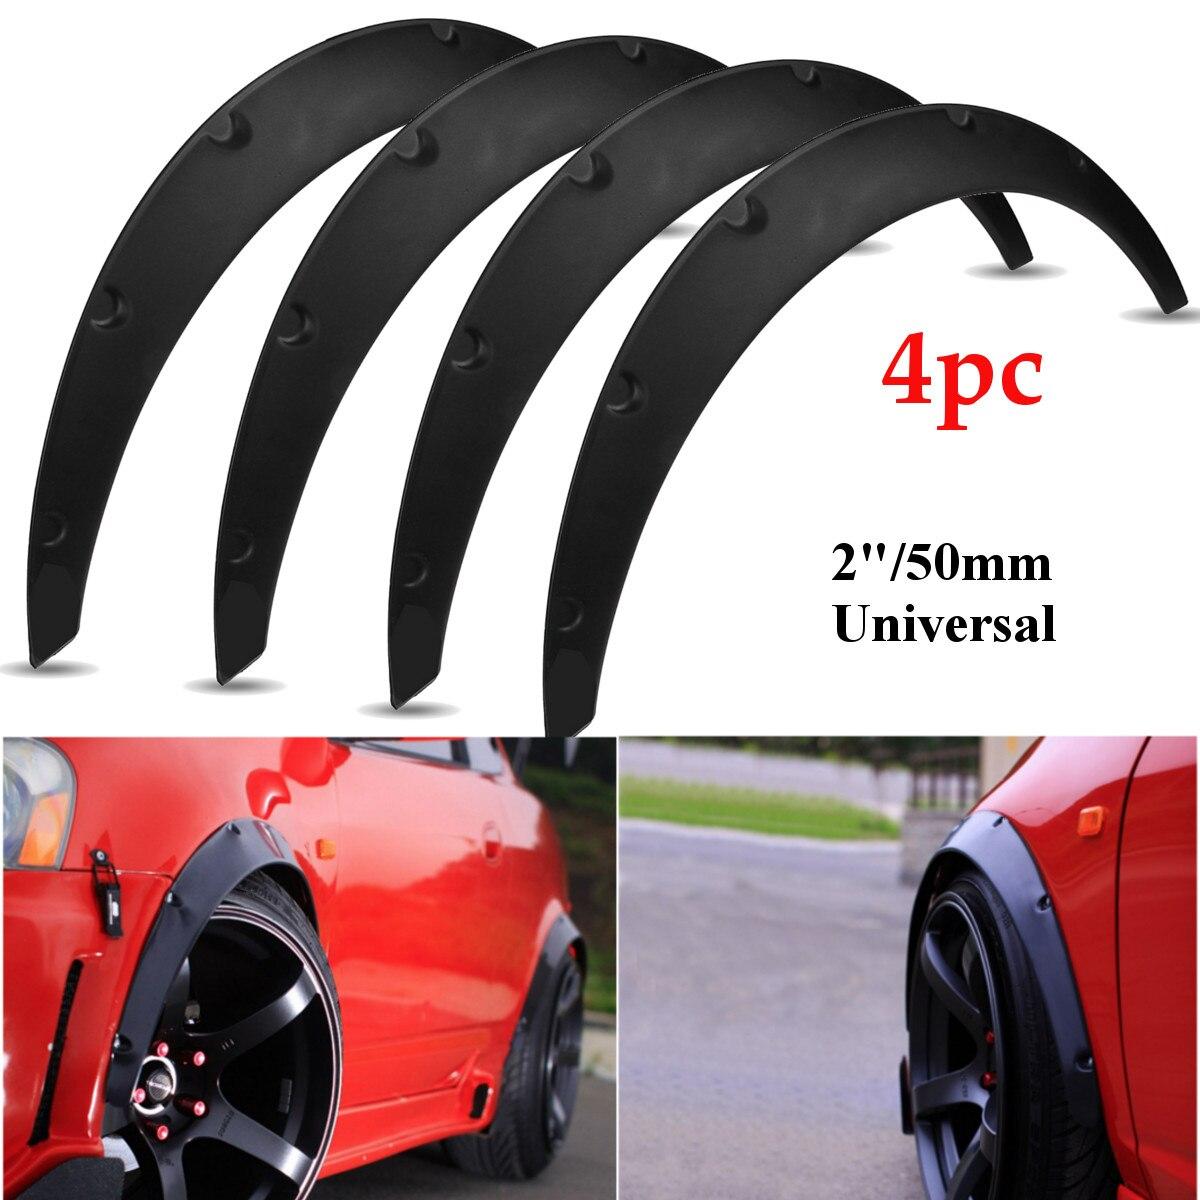 4 pçs 2 polegada universal flexível carro pára-lamas lama respingo guardas lama flaps fender flares extra largo corpo roda arcos